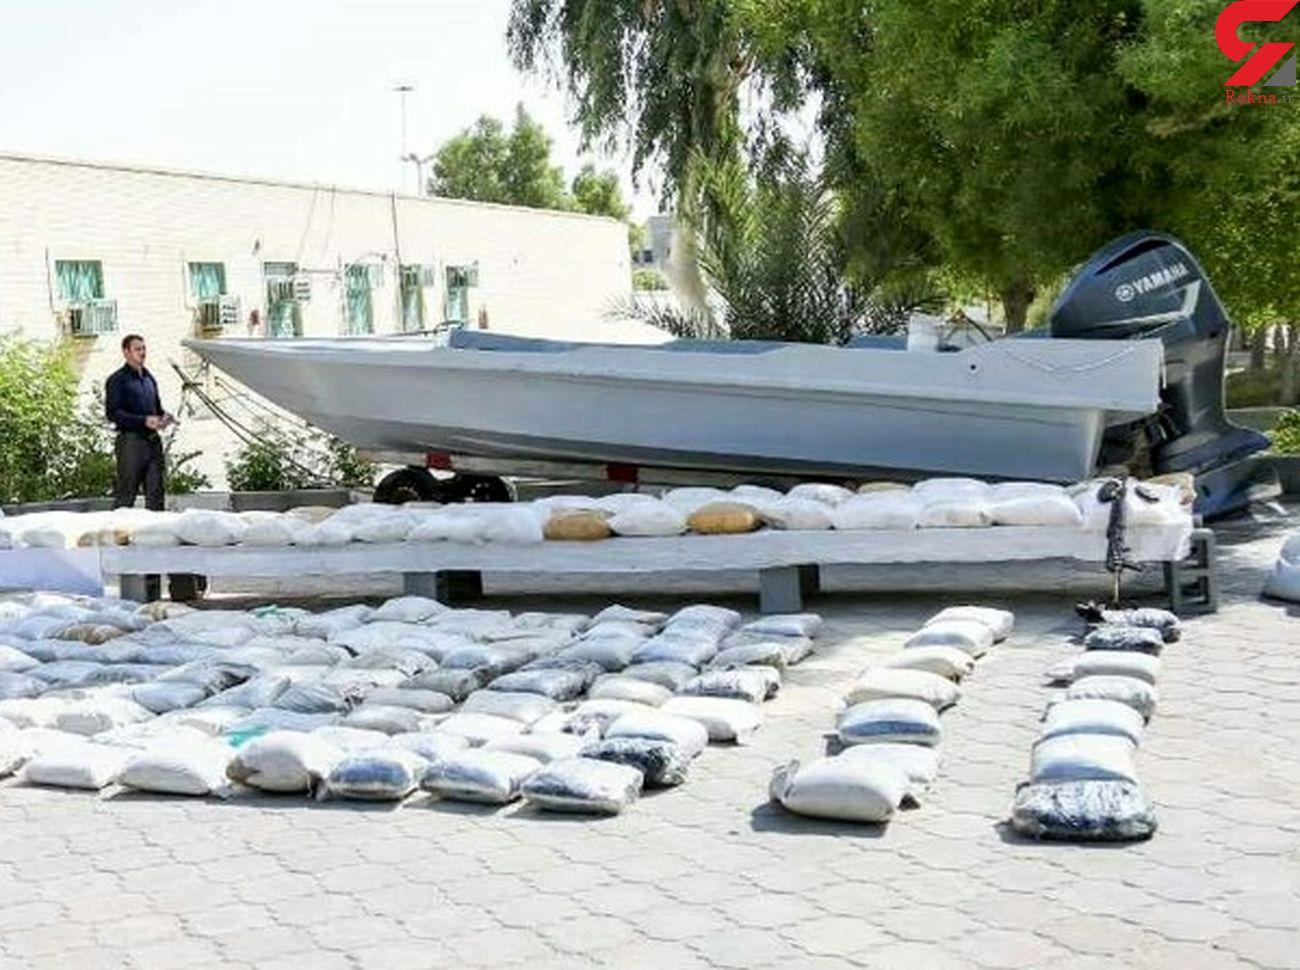 کشف محموله ۶۴۰ کیلوگرمی مواد مخدر در شهرستان بندر لنگه